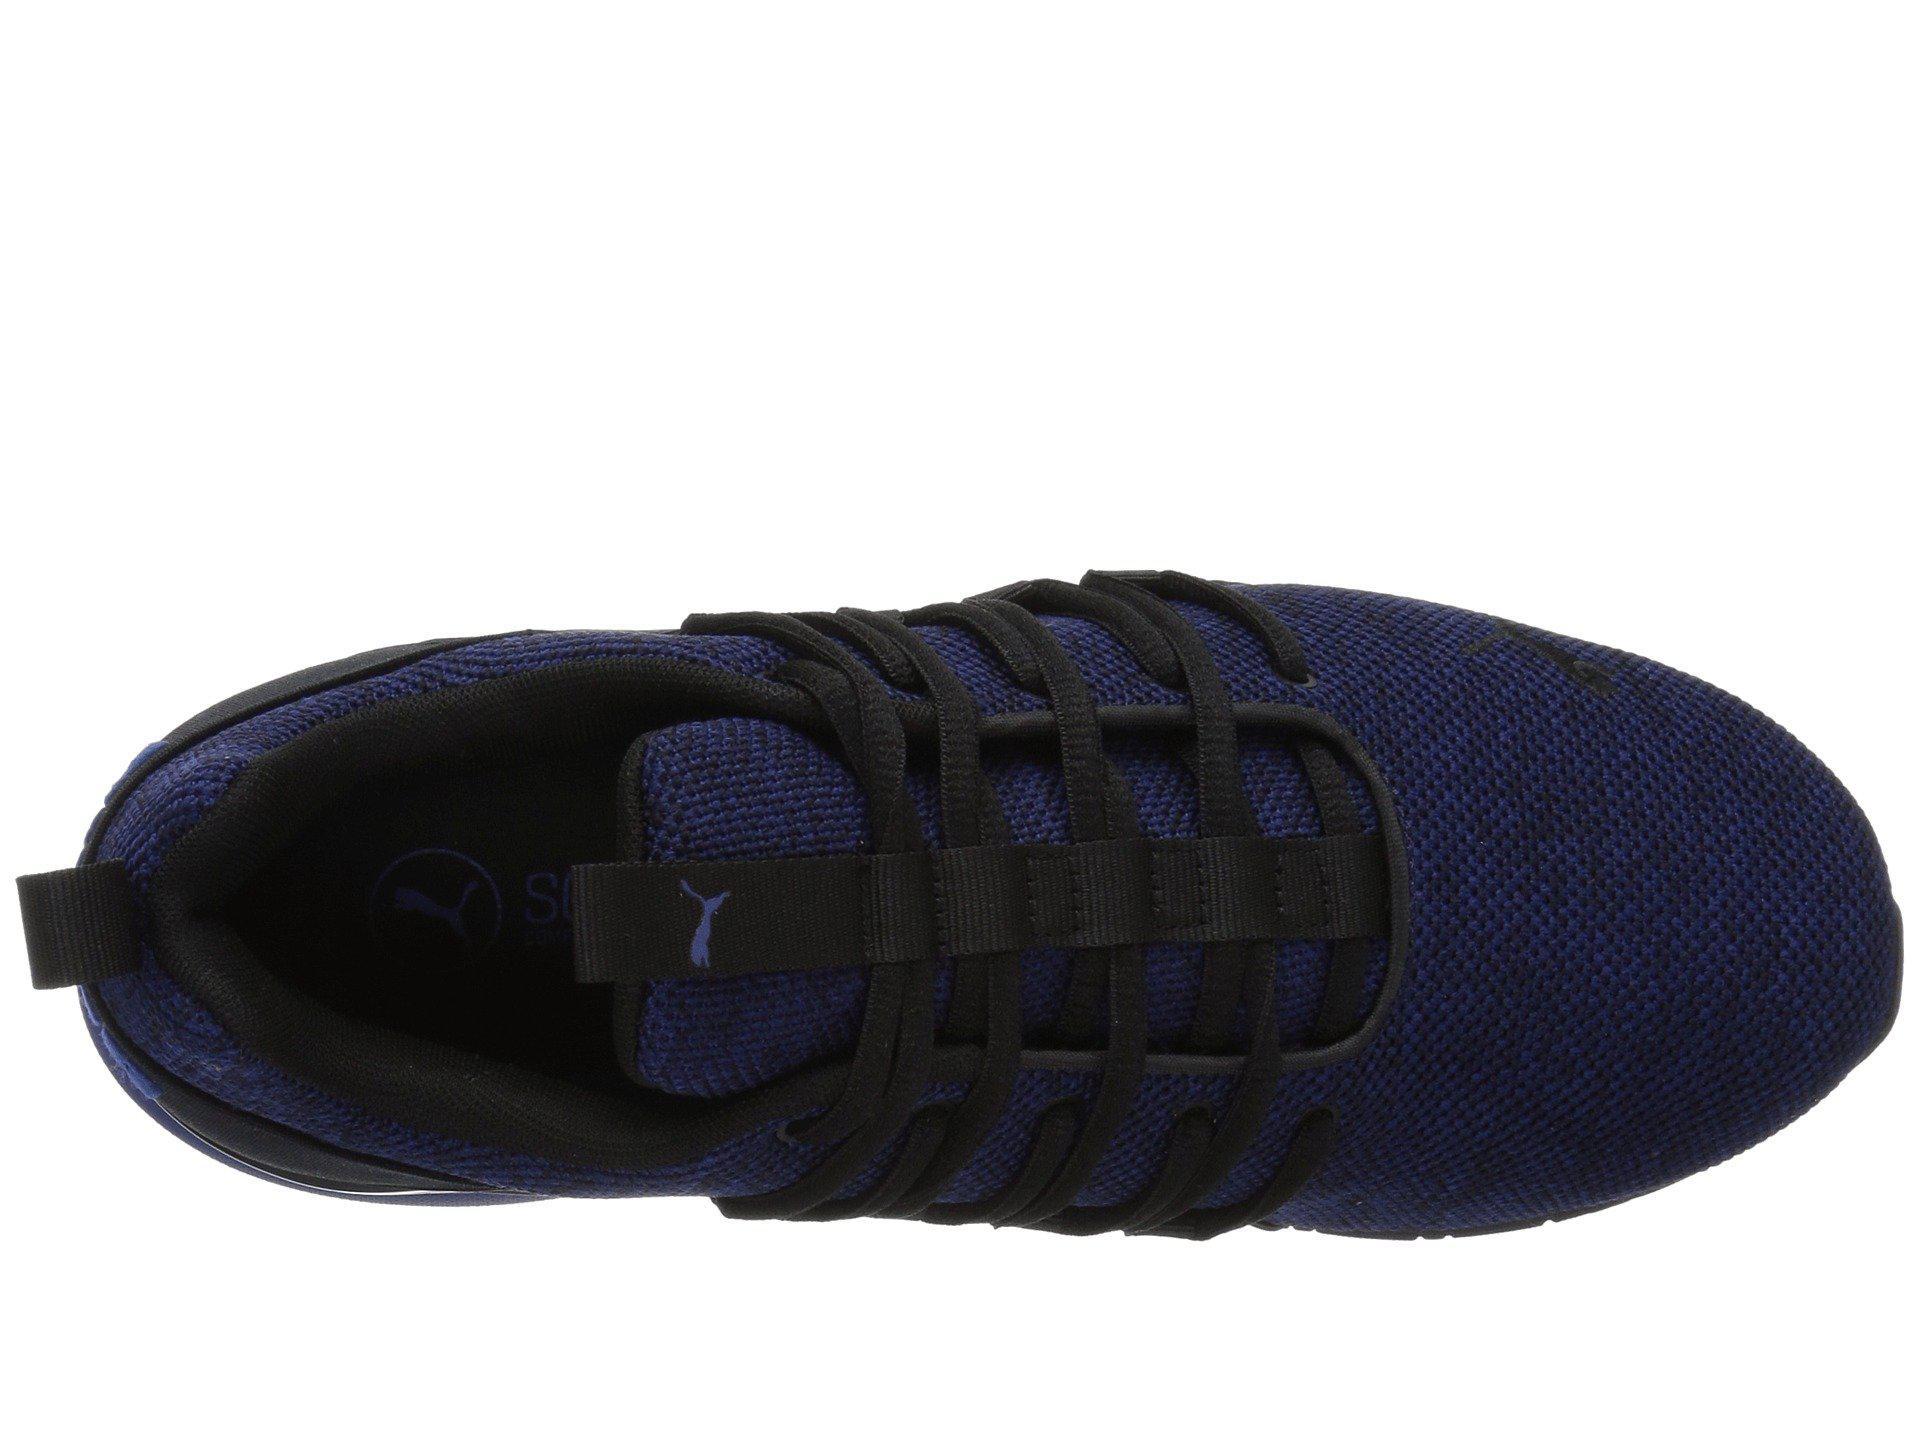 af820da1b57a Lyst - PUMA Axelion in Blue for Men